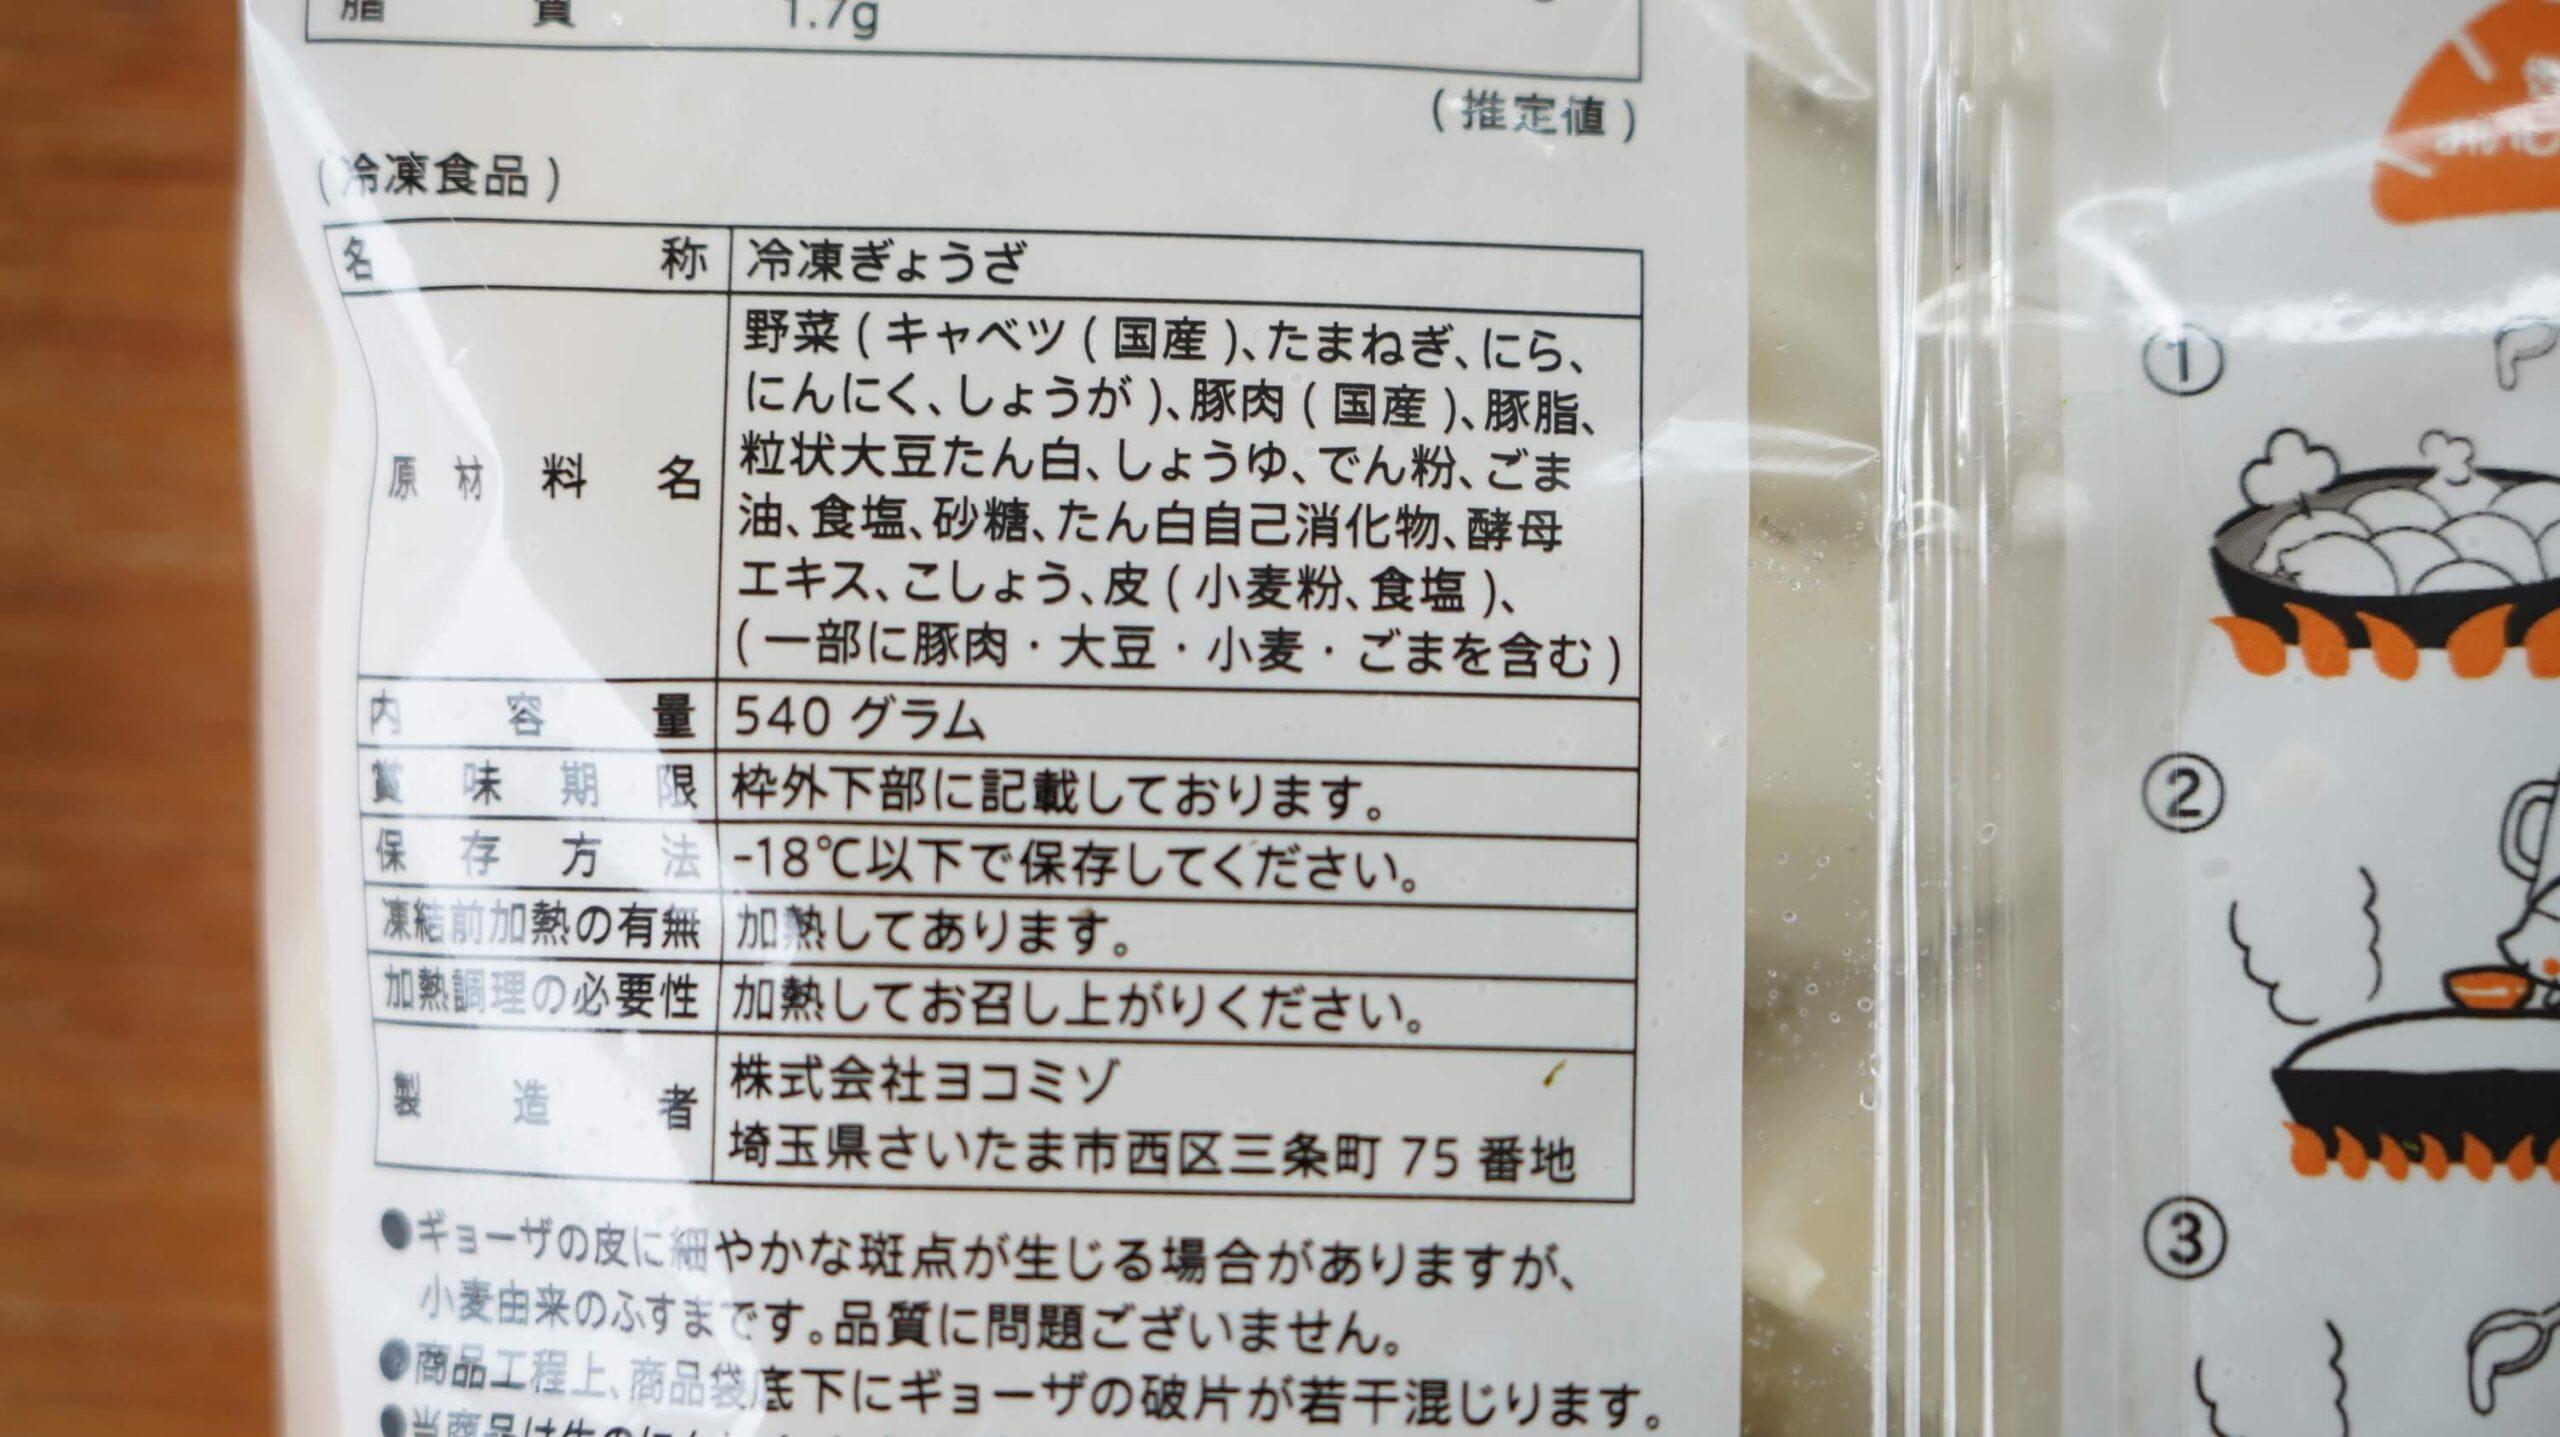 生協宅配限定の冷凍餃子「香港ギョーザ」のパッケージ裏面の原材料名の写真